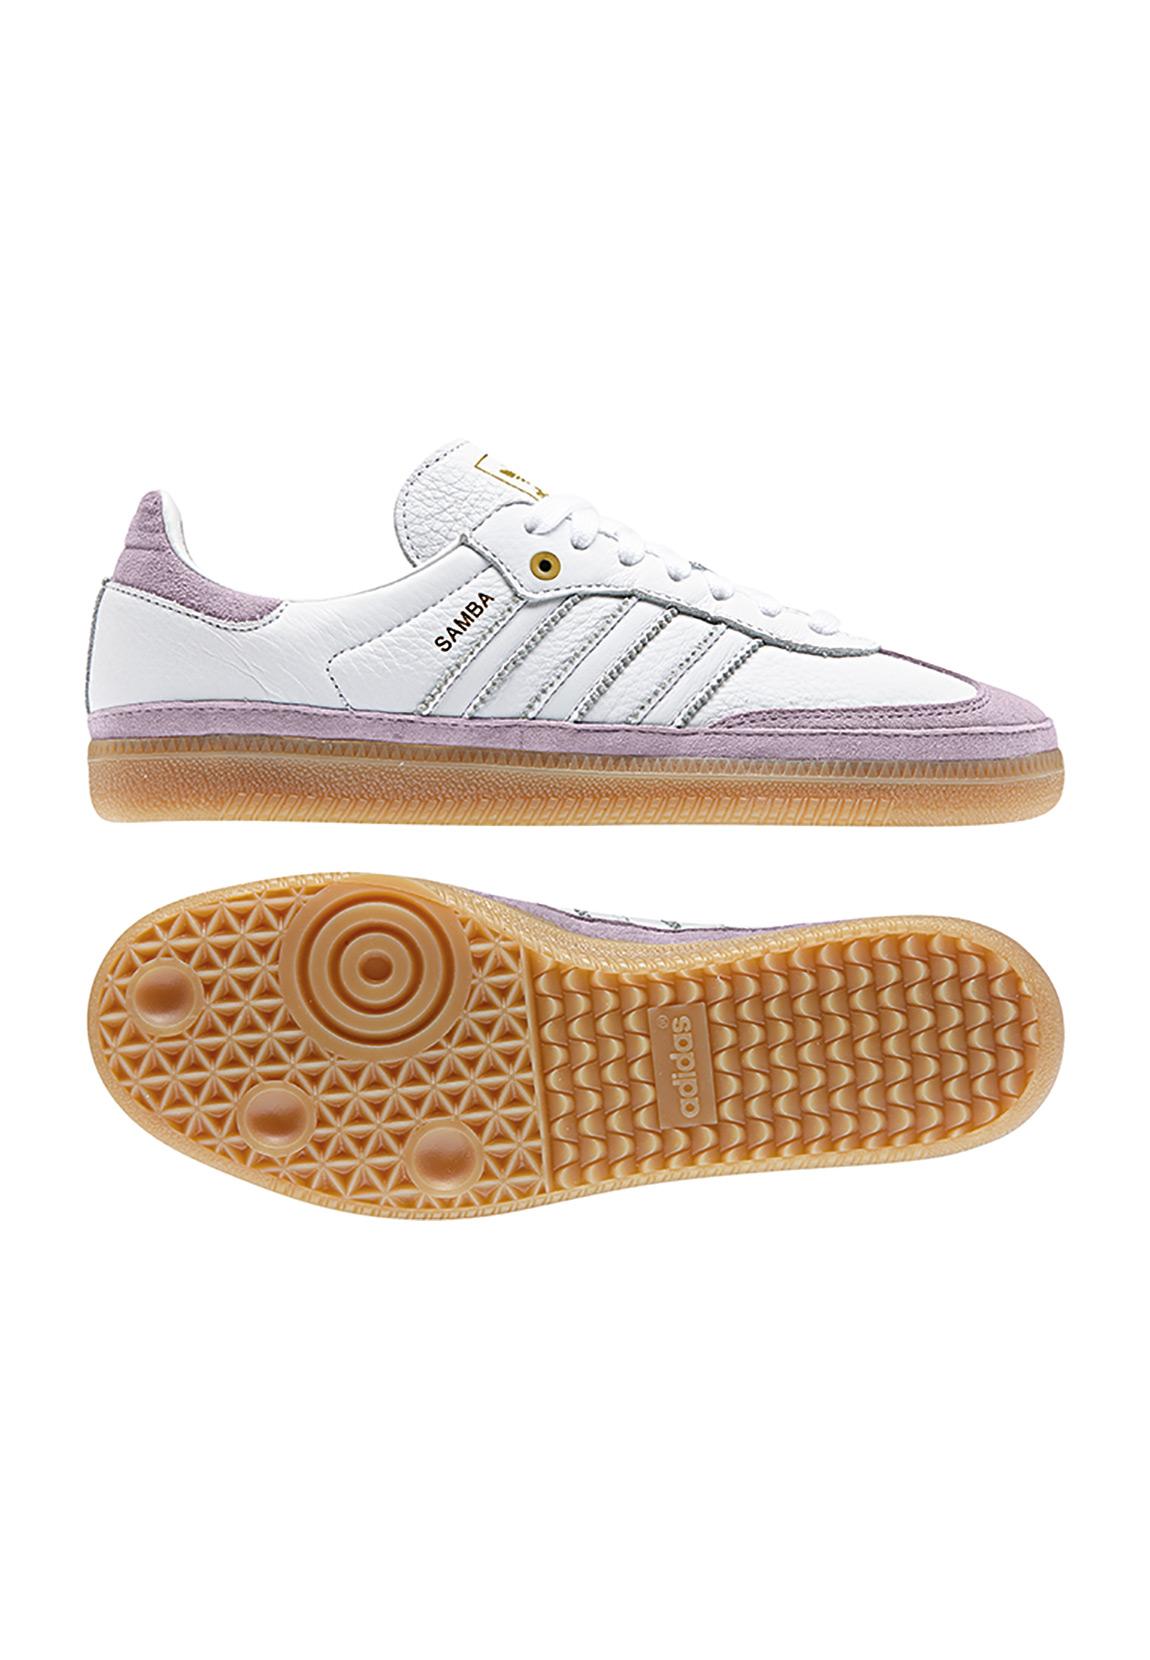 outlet store 7b63b d8e6a Manufacturer Adidas Originals